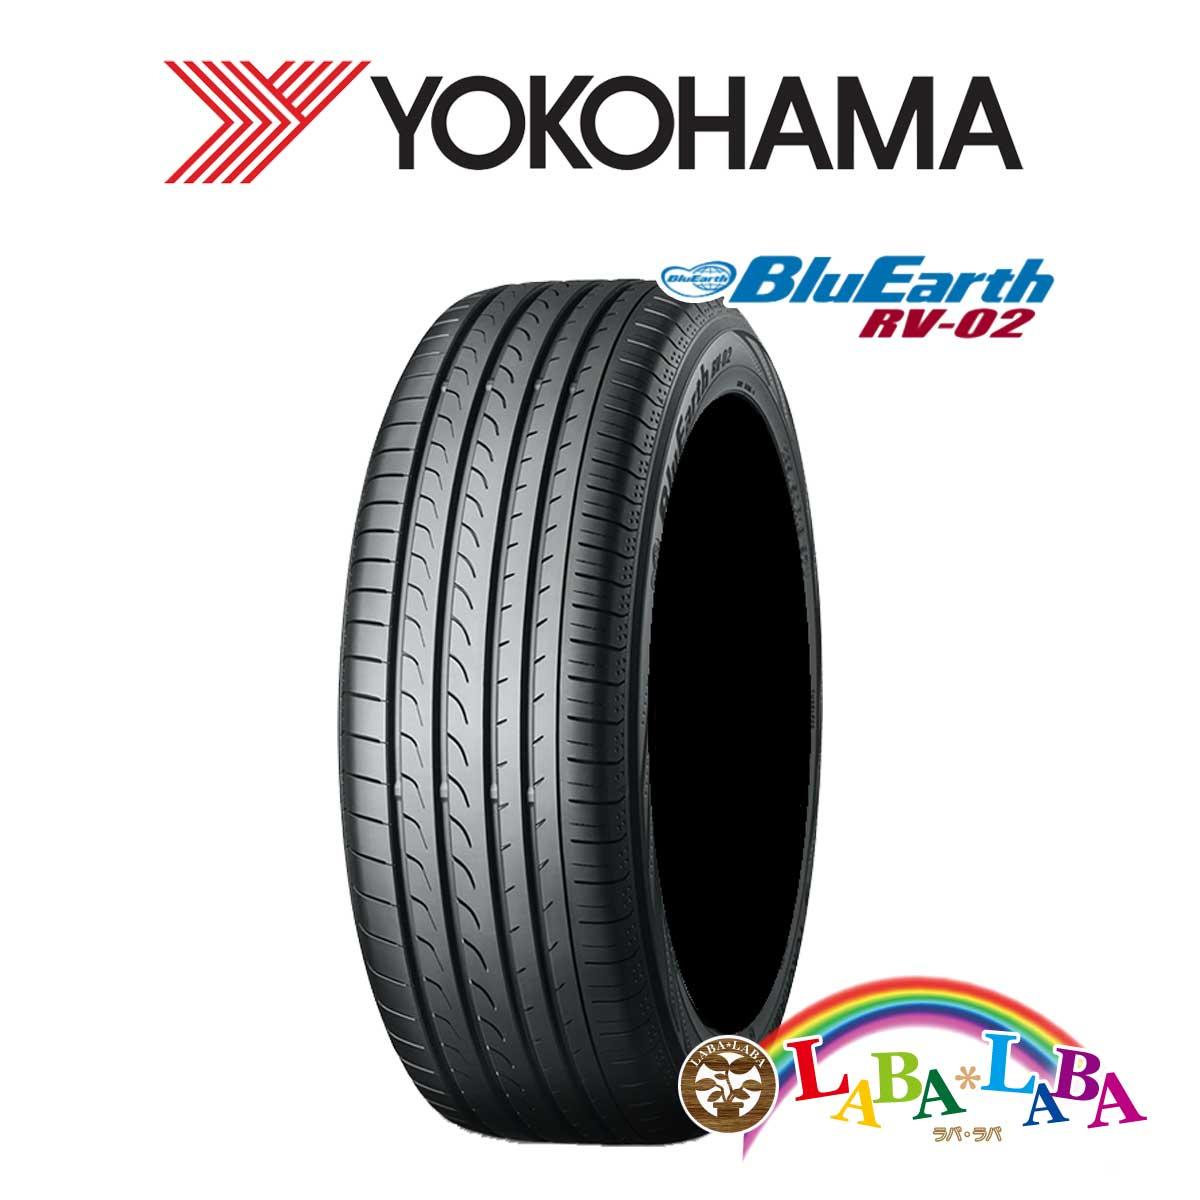 2本以上送料無料 国産タイヤ 送料0円 サマータイヤ 新品 タイヤのみ YOKOHAMA ヨコハマ 45R17 ミニバン 215 ブルーアース RV02 BluEarth 国内正規総代理店アイテム 95V